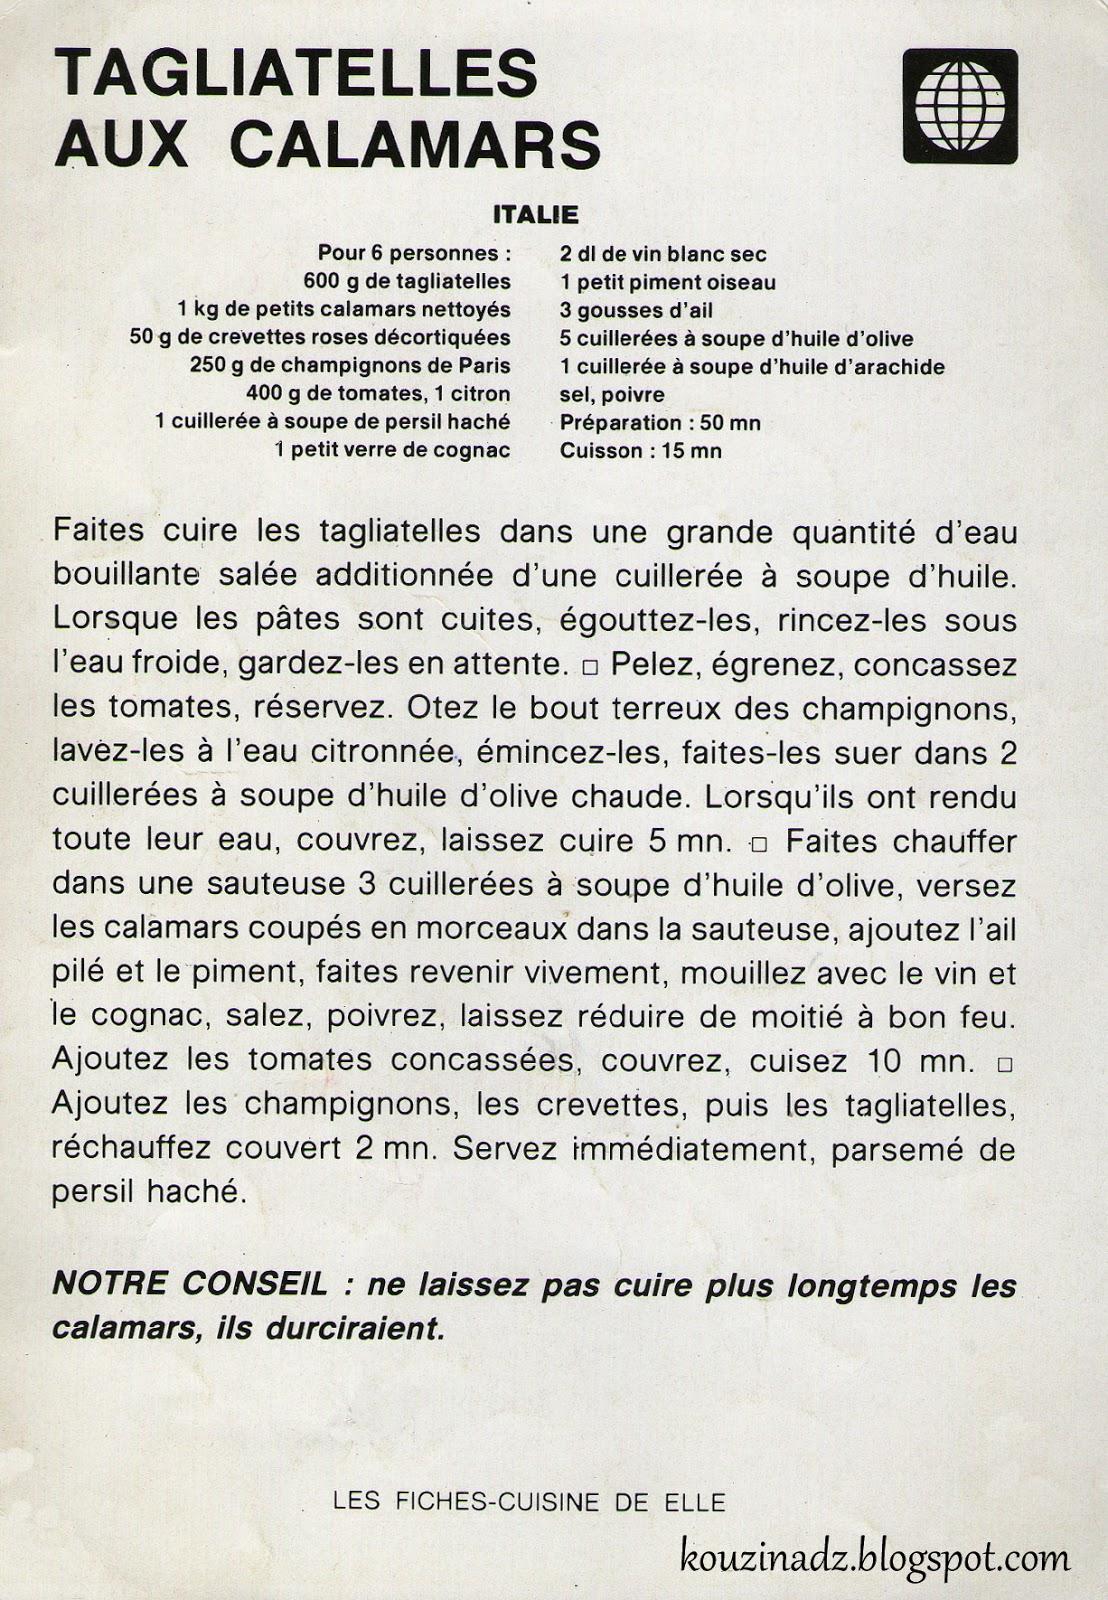 La cuisine alg rienne tagliatelles aux calamars for Notre cuisine algerienne